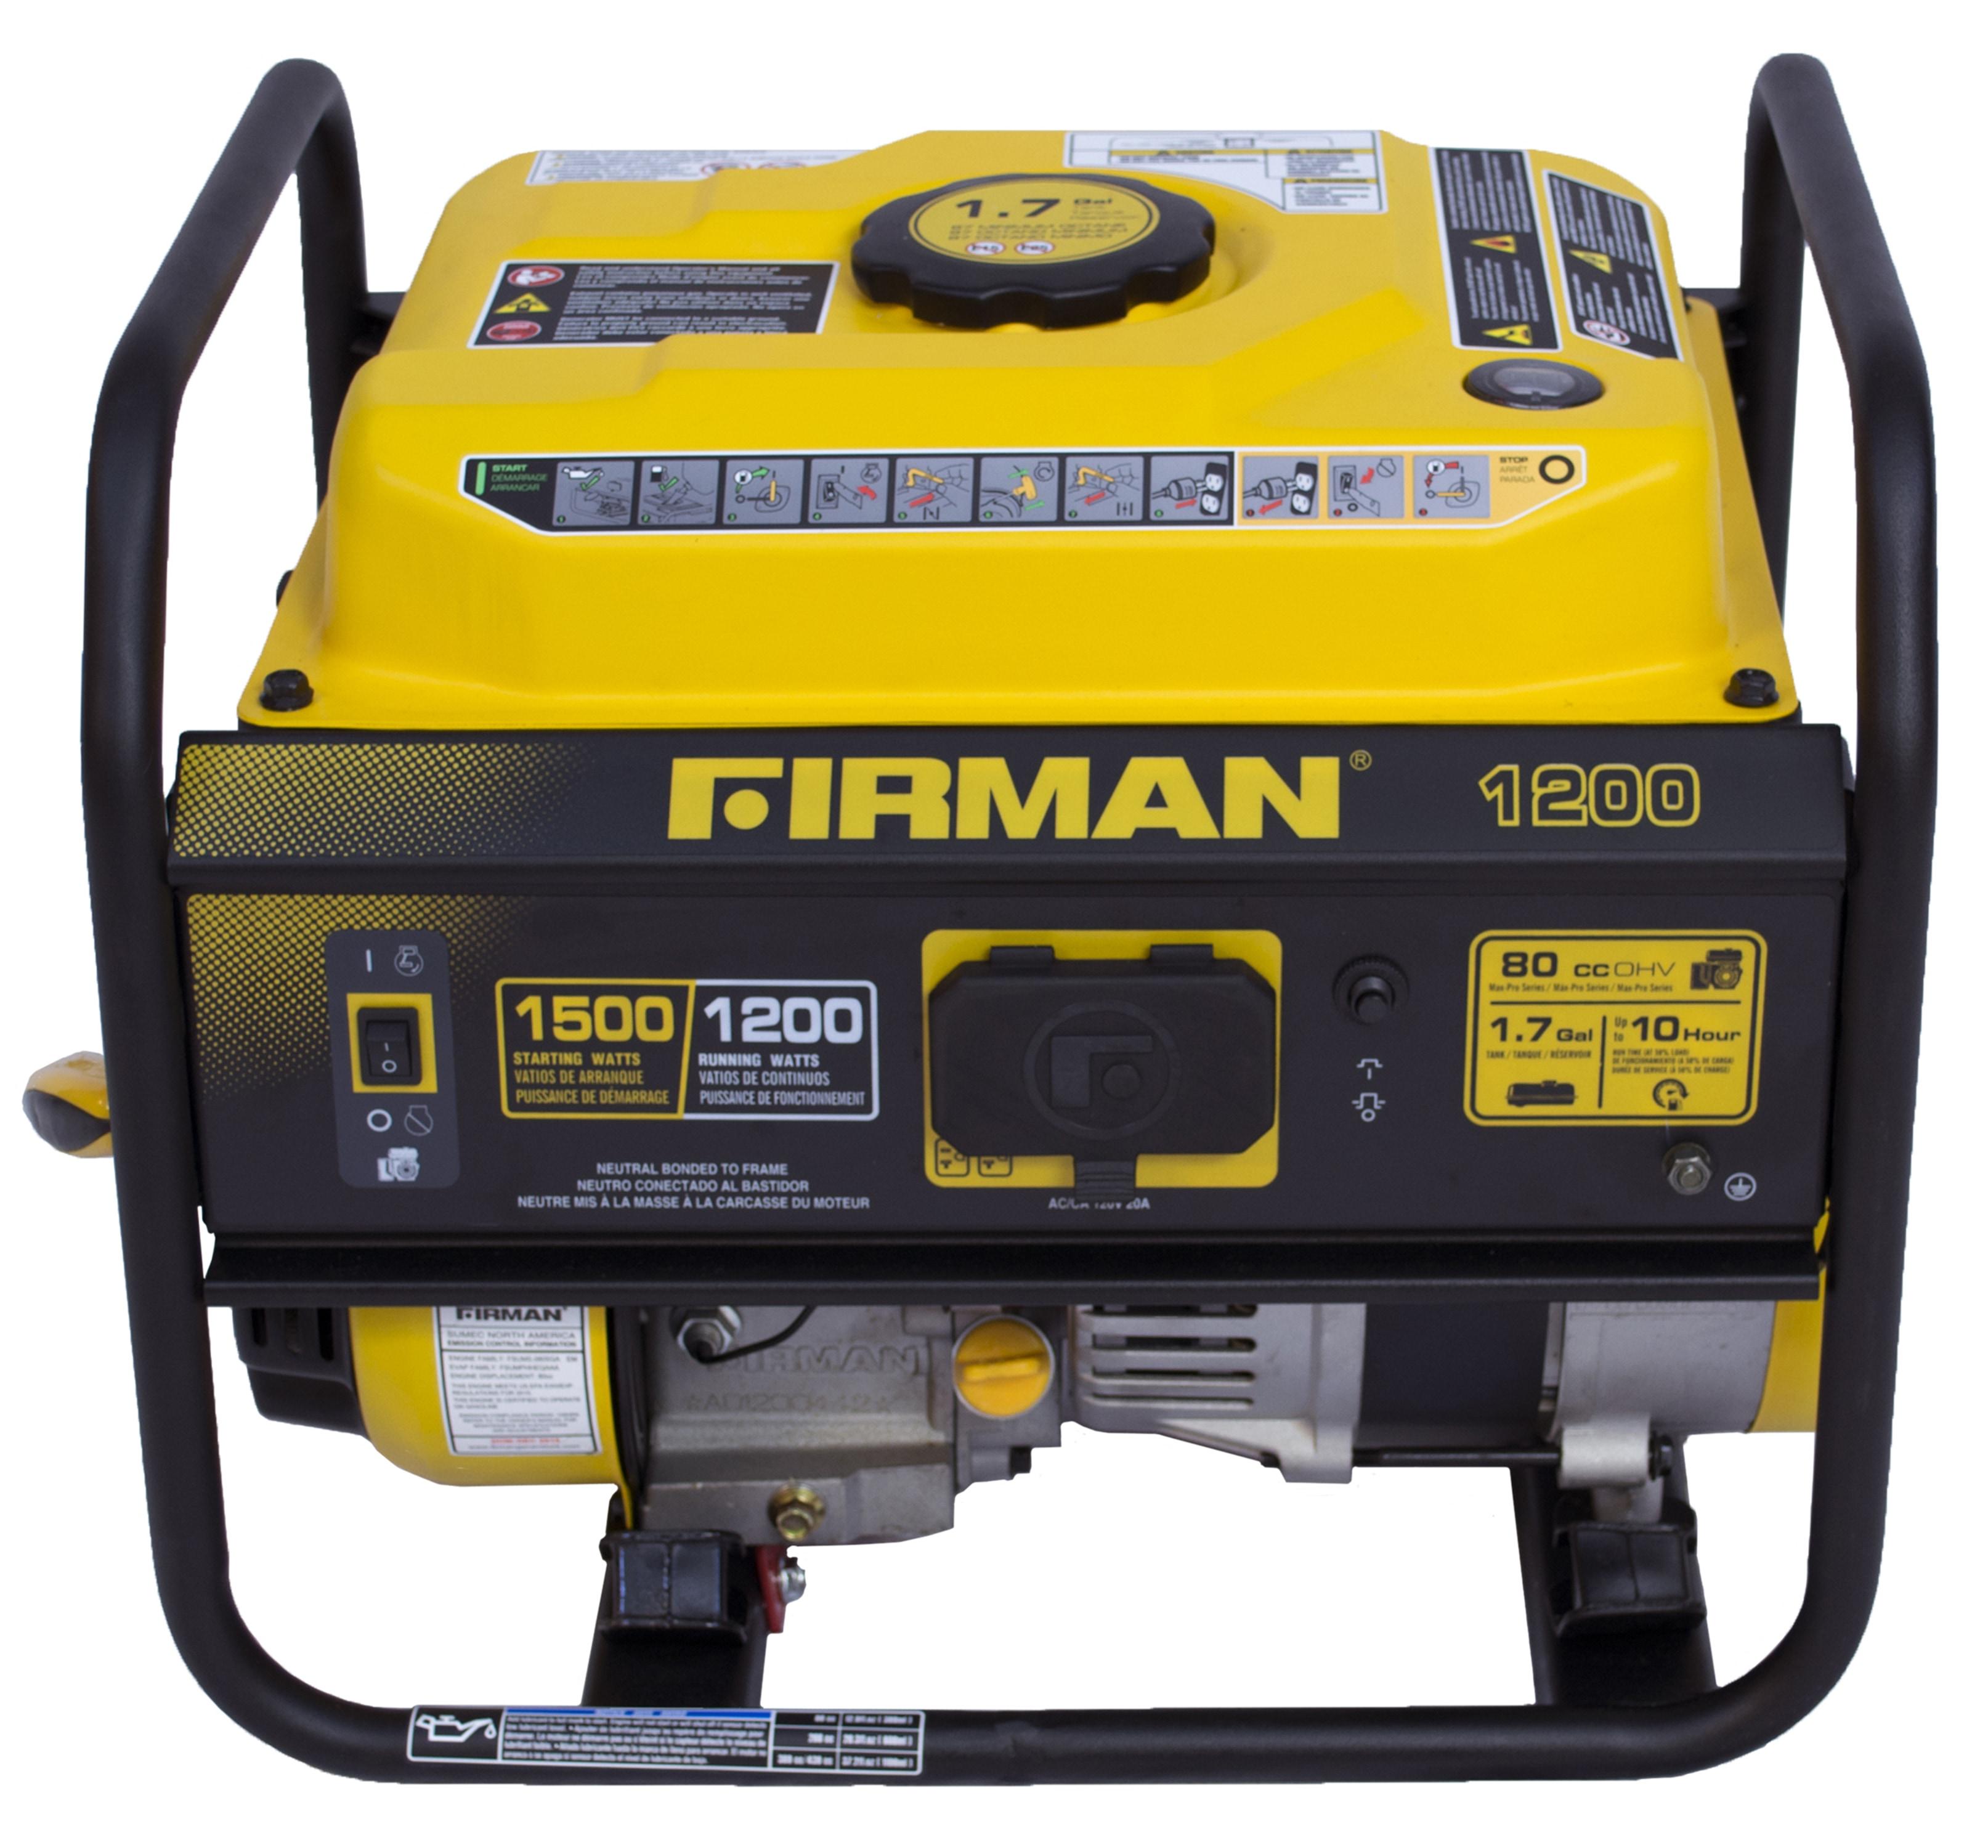 Firman Power Equipment Firman P Gas Powered 1200 1500 Watt